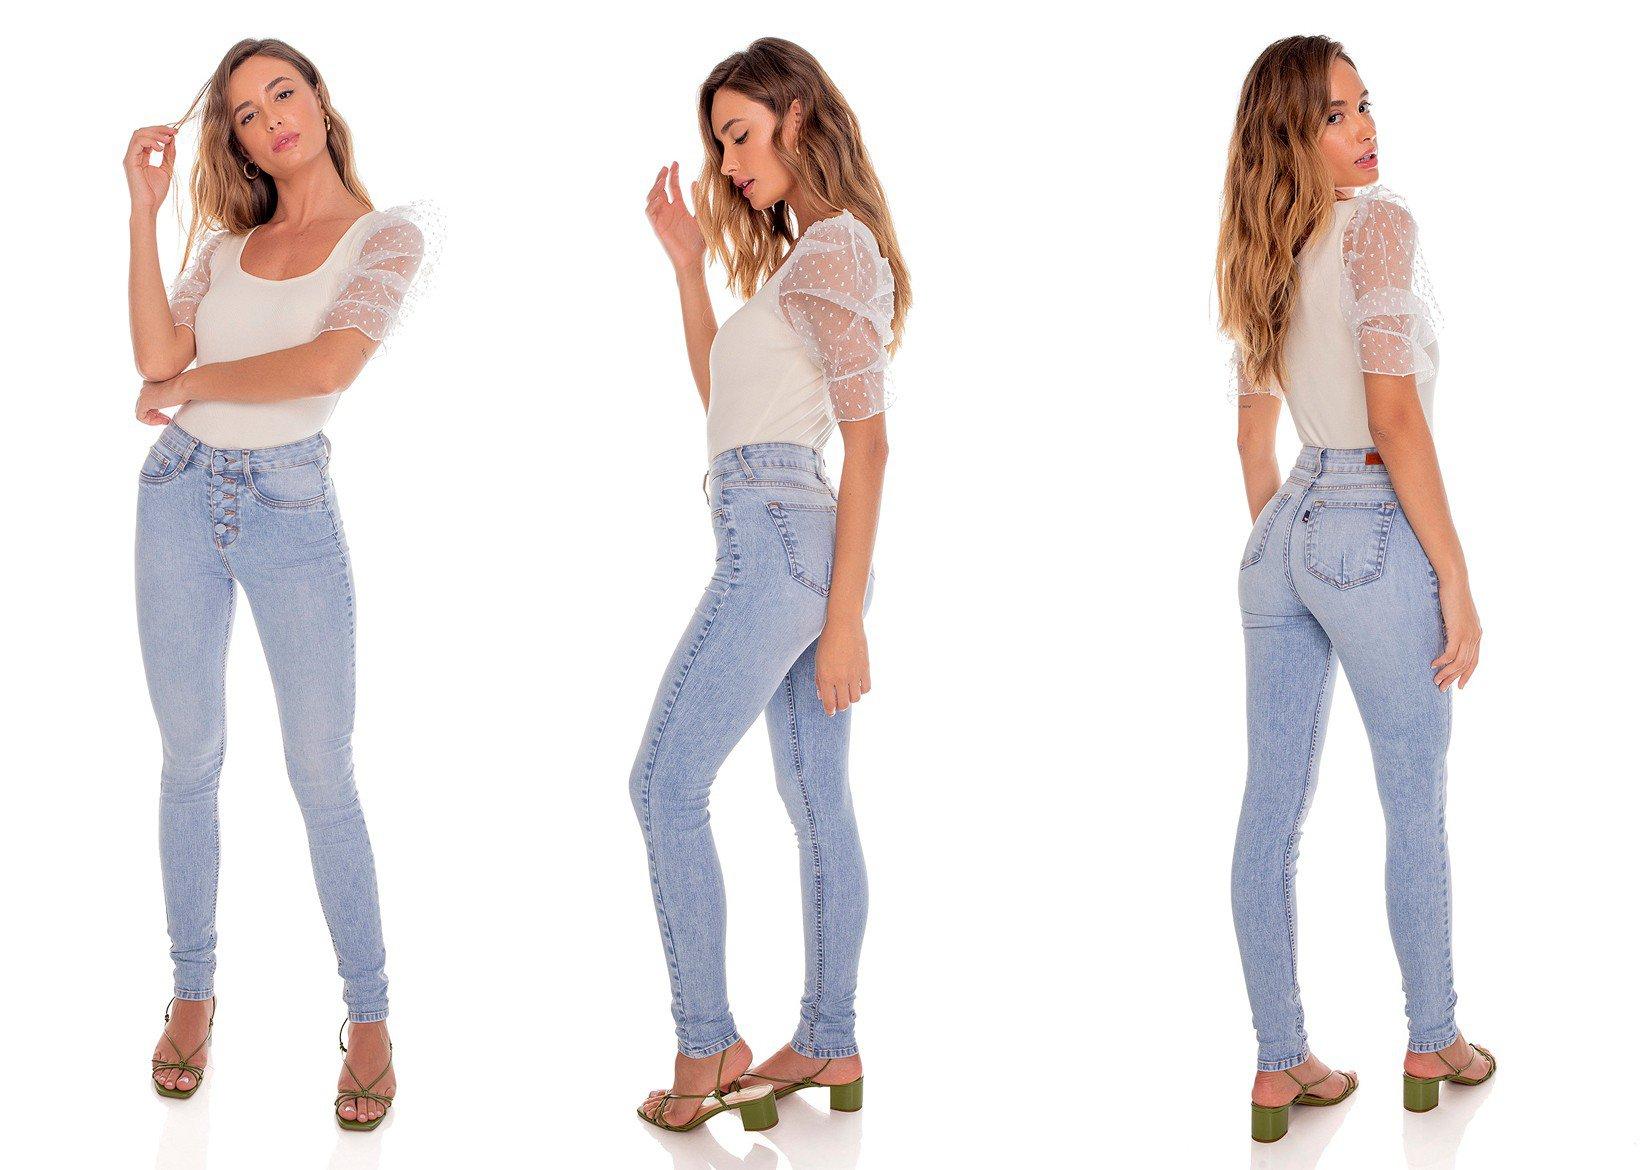 dz3595 re calca jeans feminina fechamento com botoes denim zero tripla